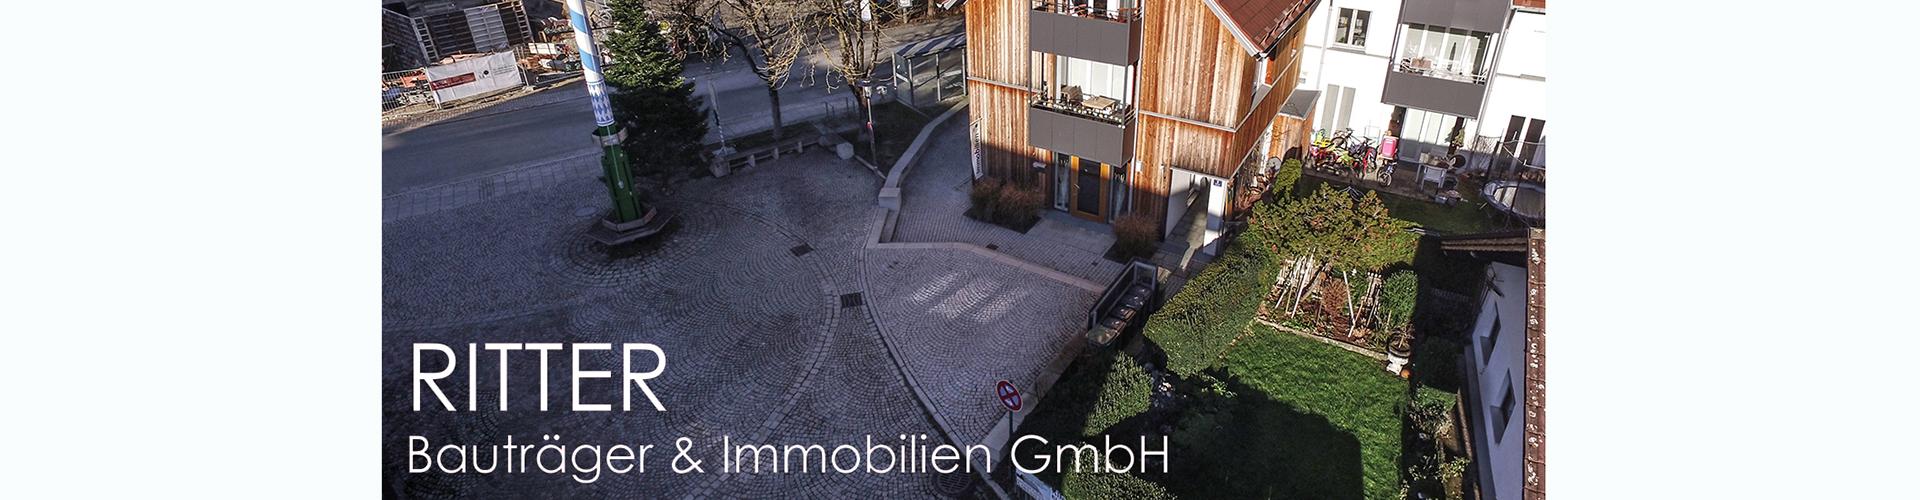 Ritter Büro - Oberhaching - Immobilien - Bauträger - Verkauf - Vermietung